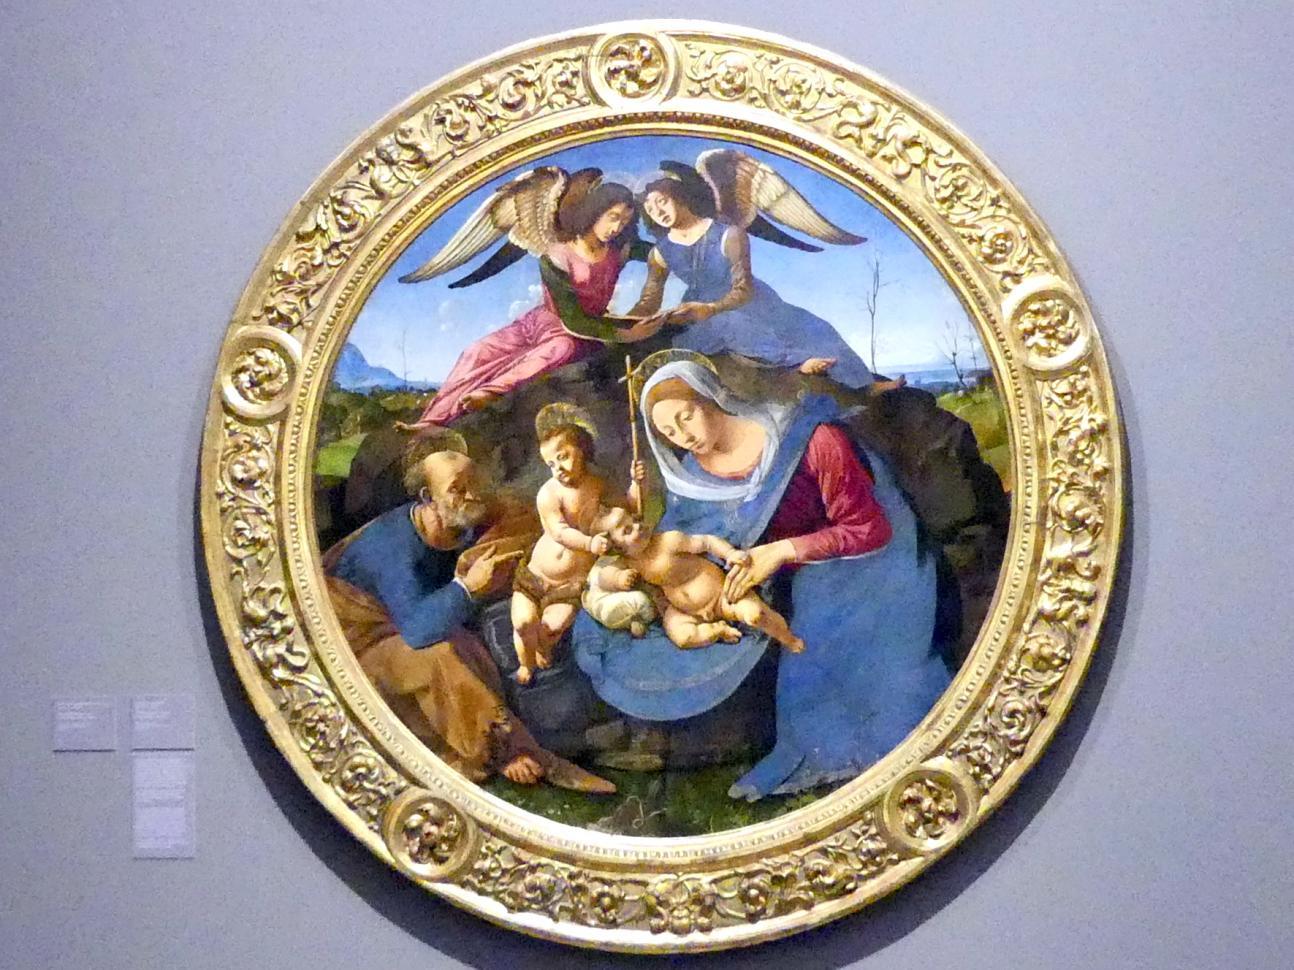 Piero di Cosimo: Die Heilige Familie, Um 1490 - 1500